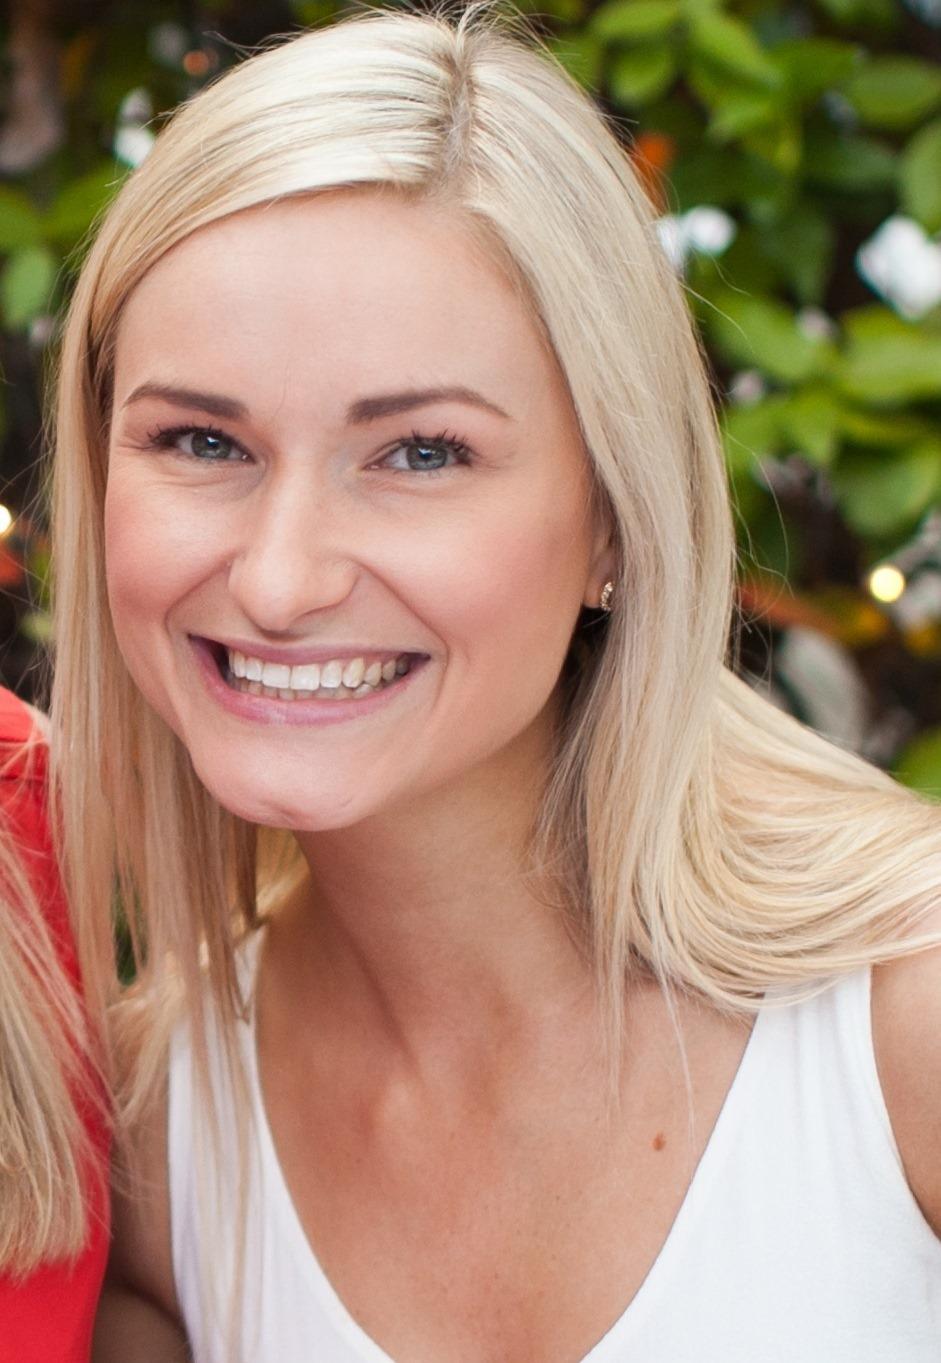 Lisa Nurminen